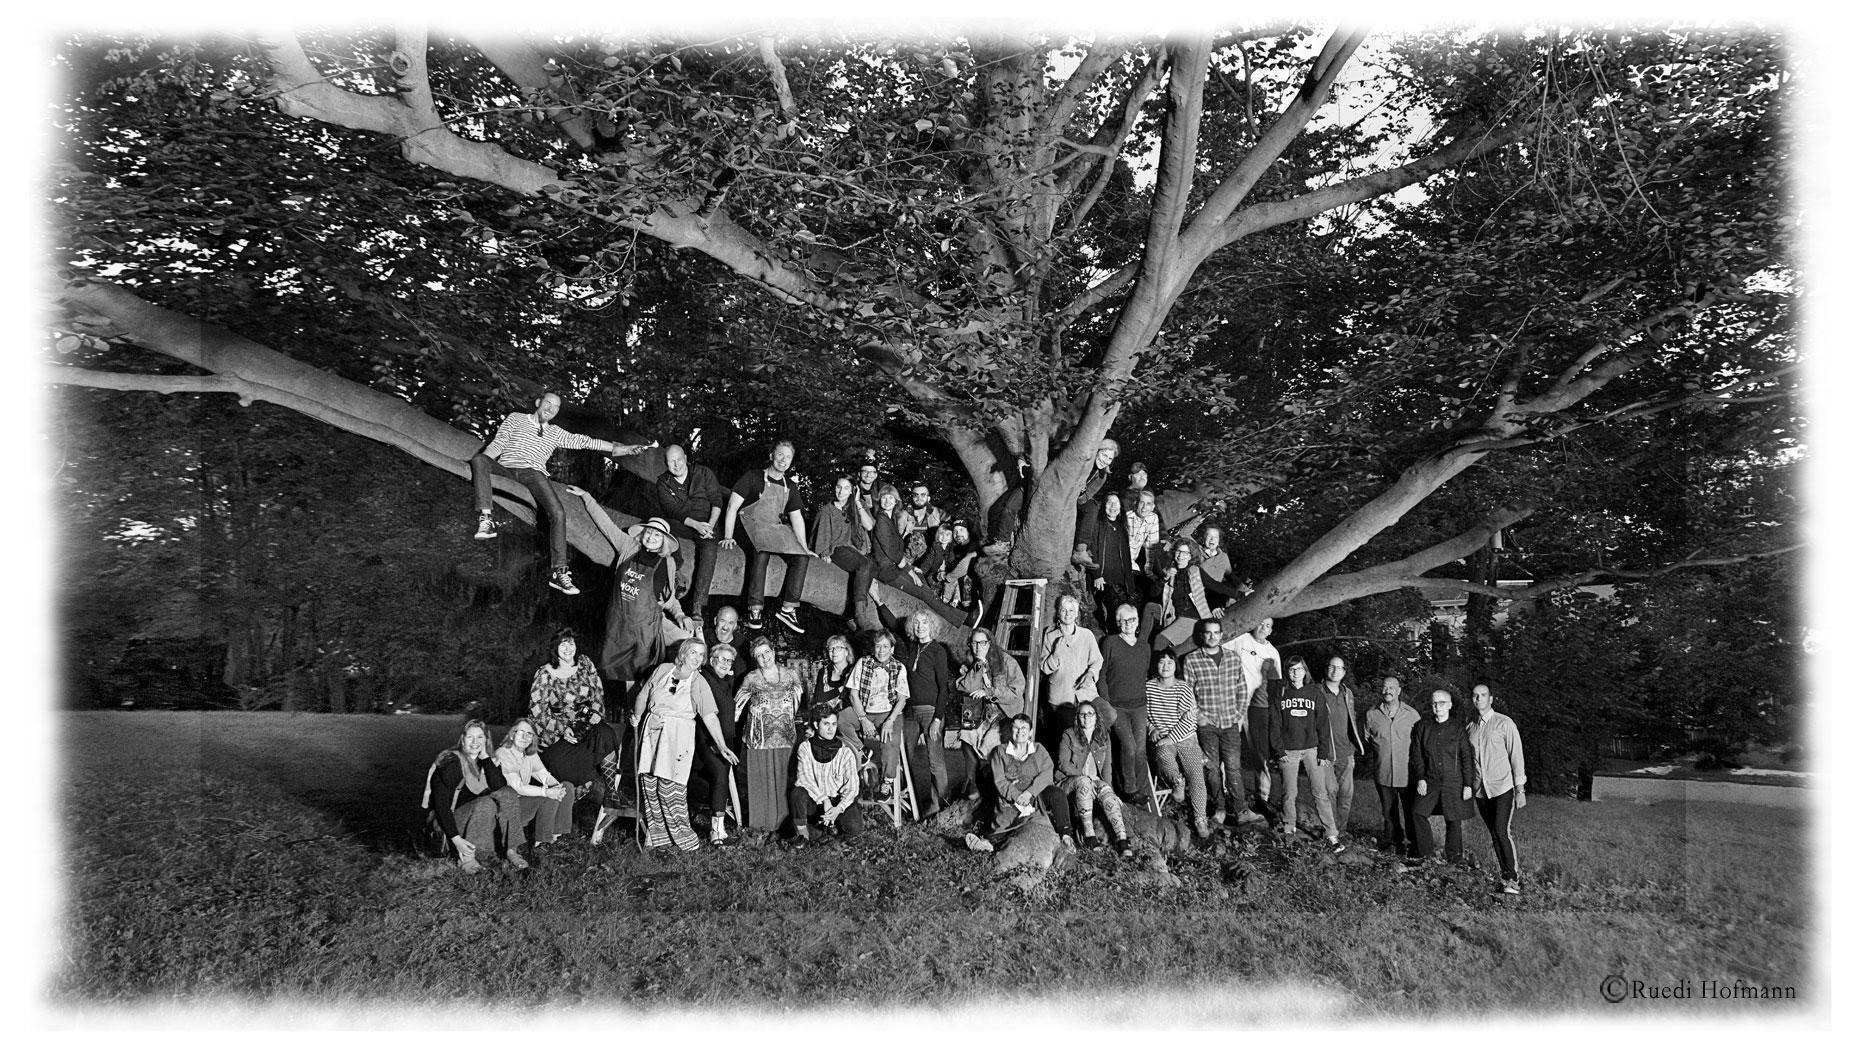 NOS 2018 artists at Downing Park, Newburgh, NY